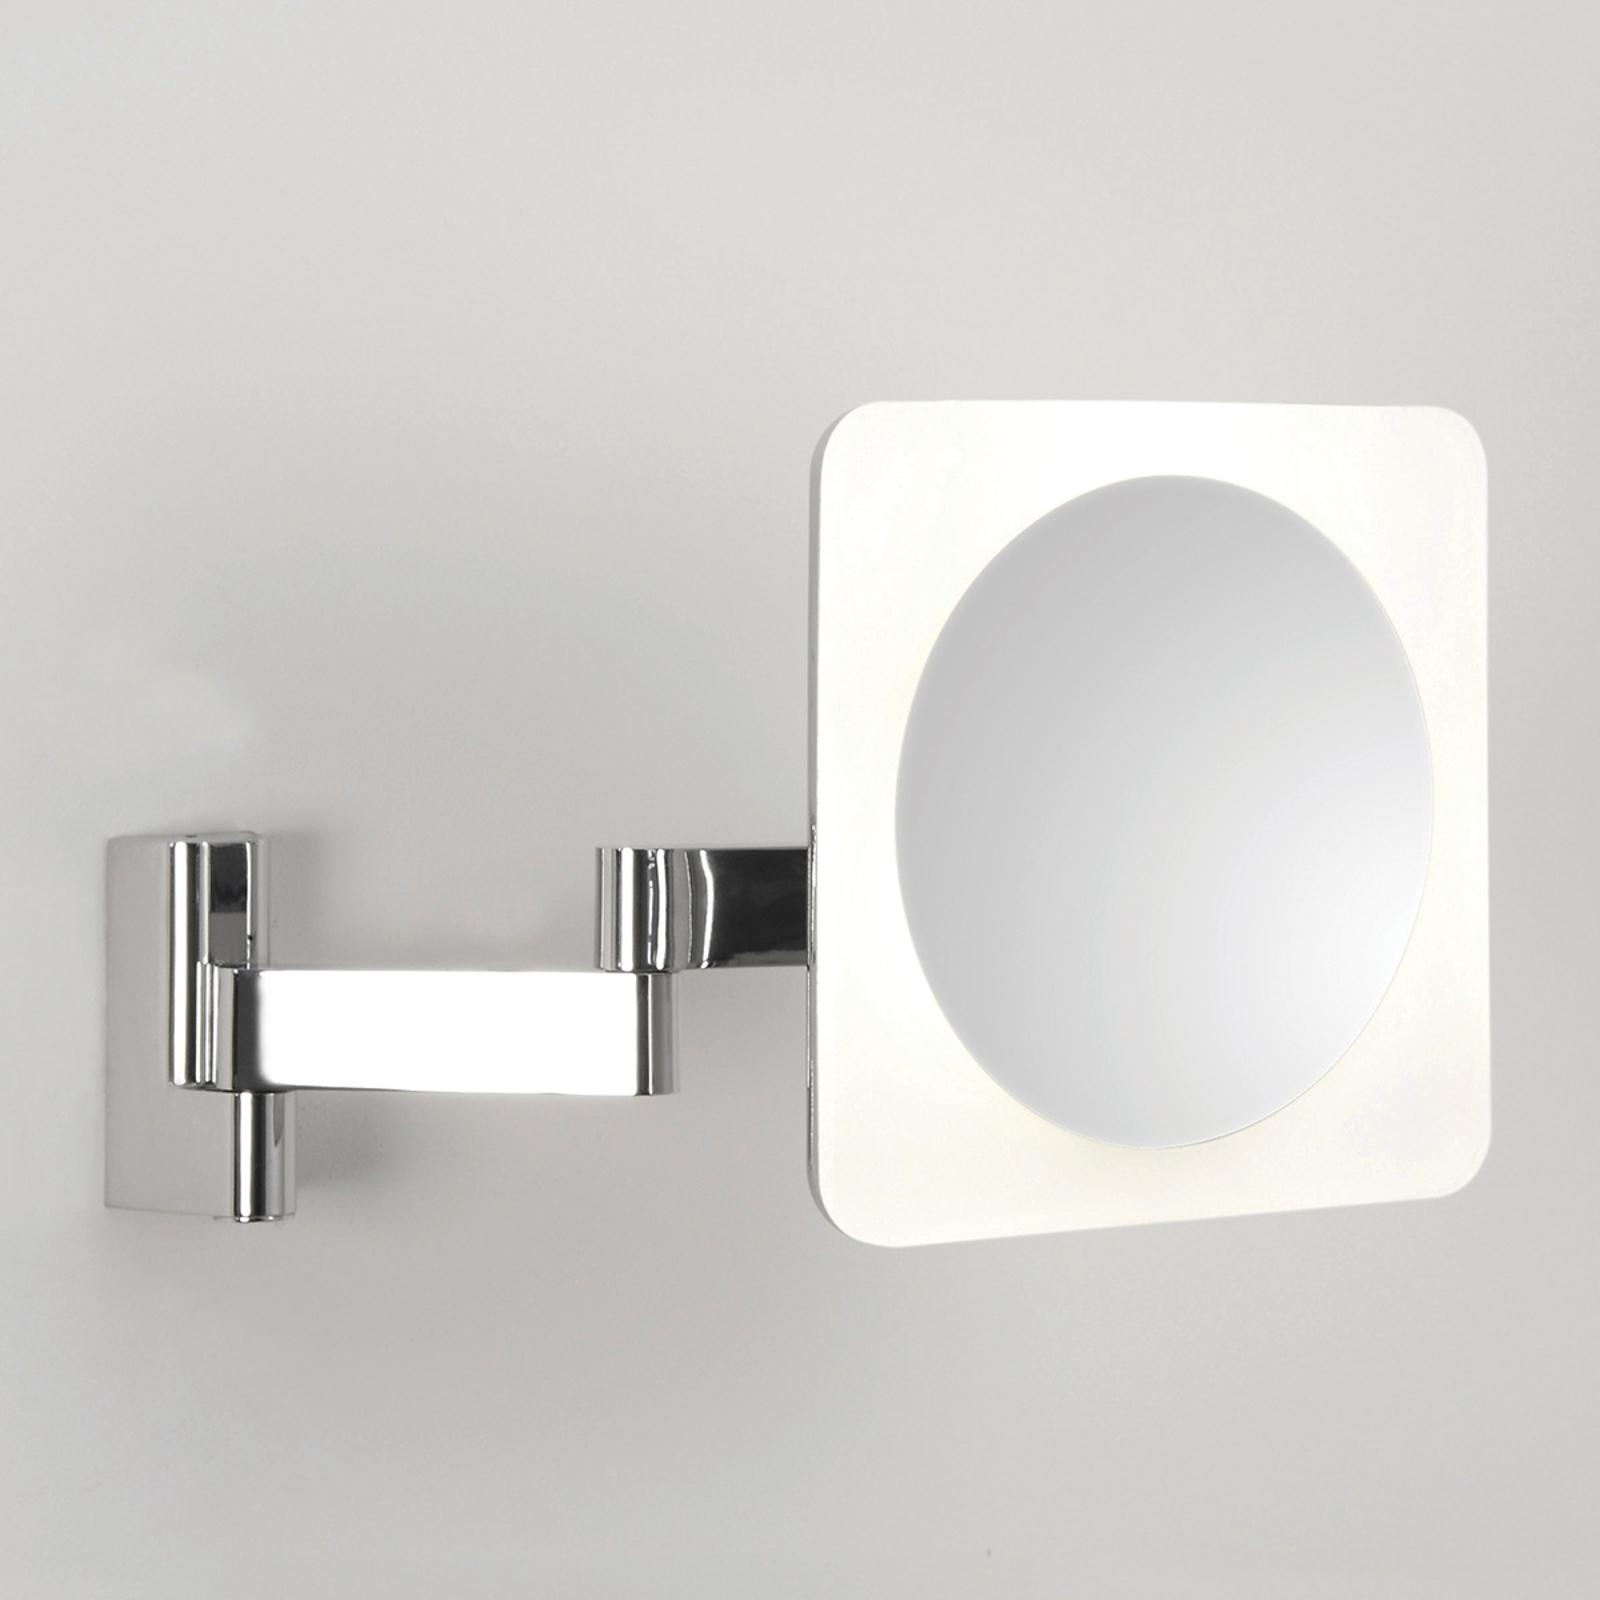 Specchio LED Niimi Square con ingrandimento 5x